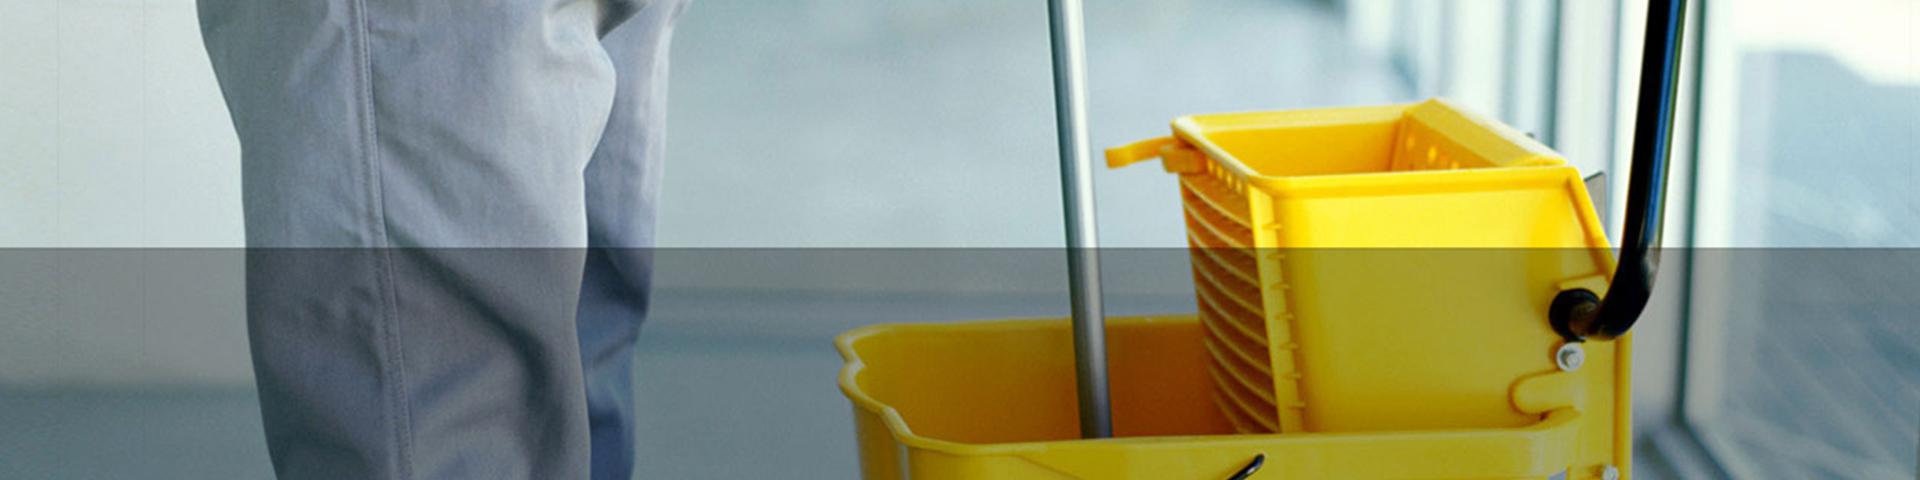 Endüstriyel Genel Temizlik & Zemin Temizliği Grubu